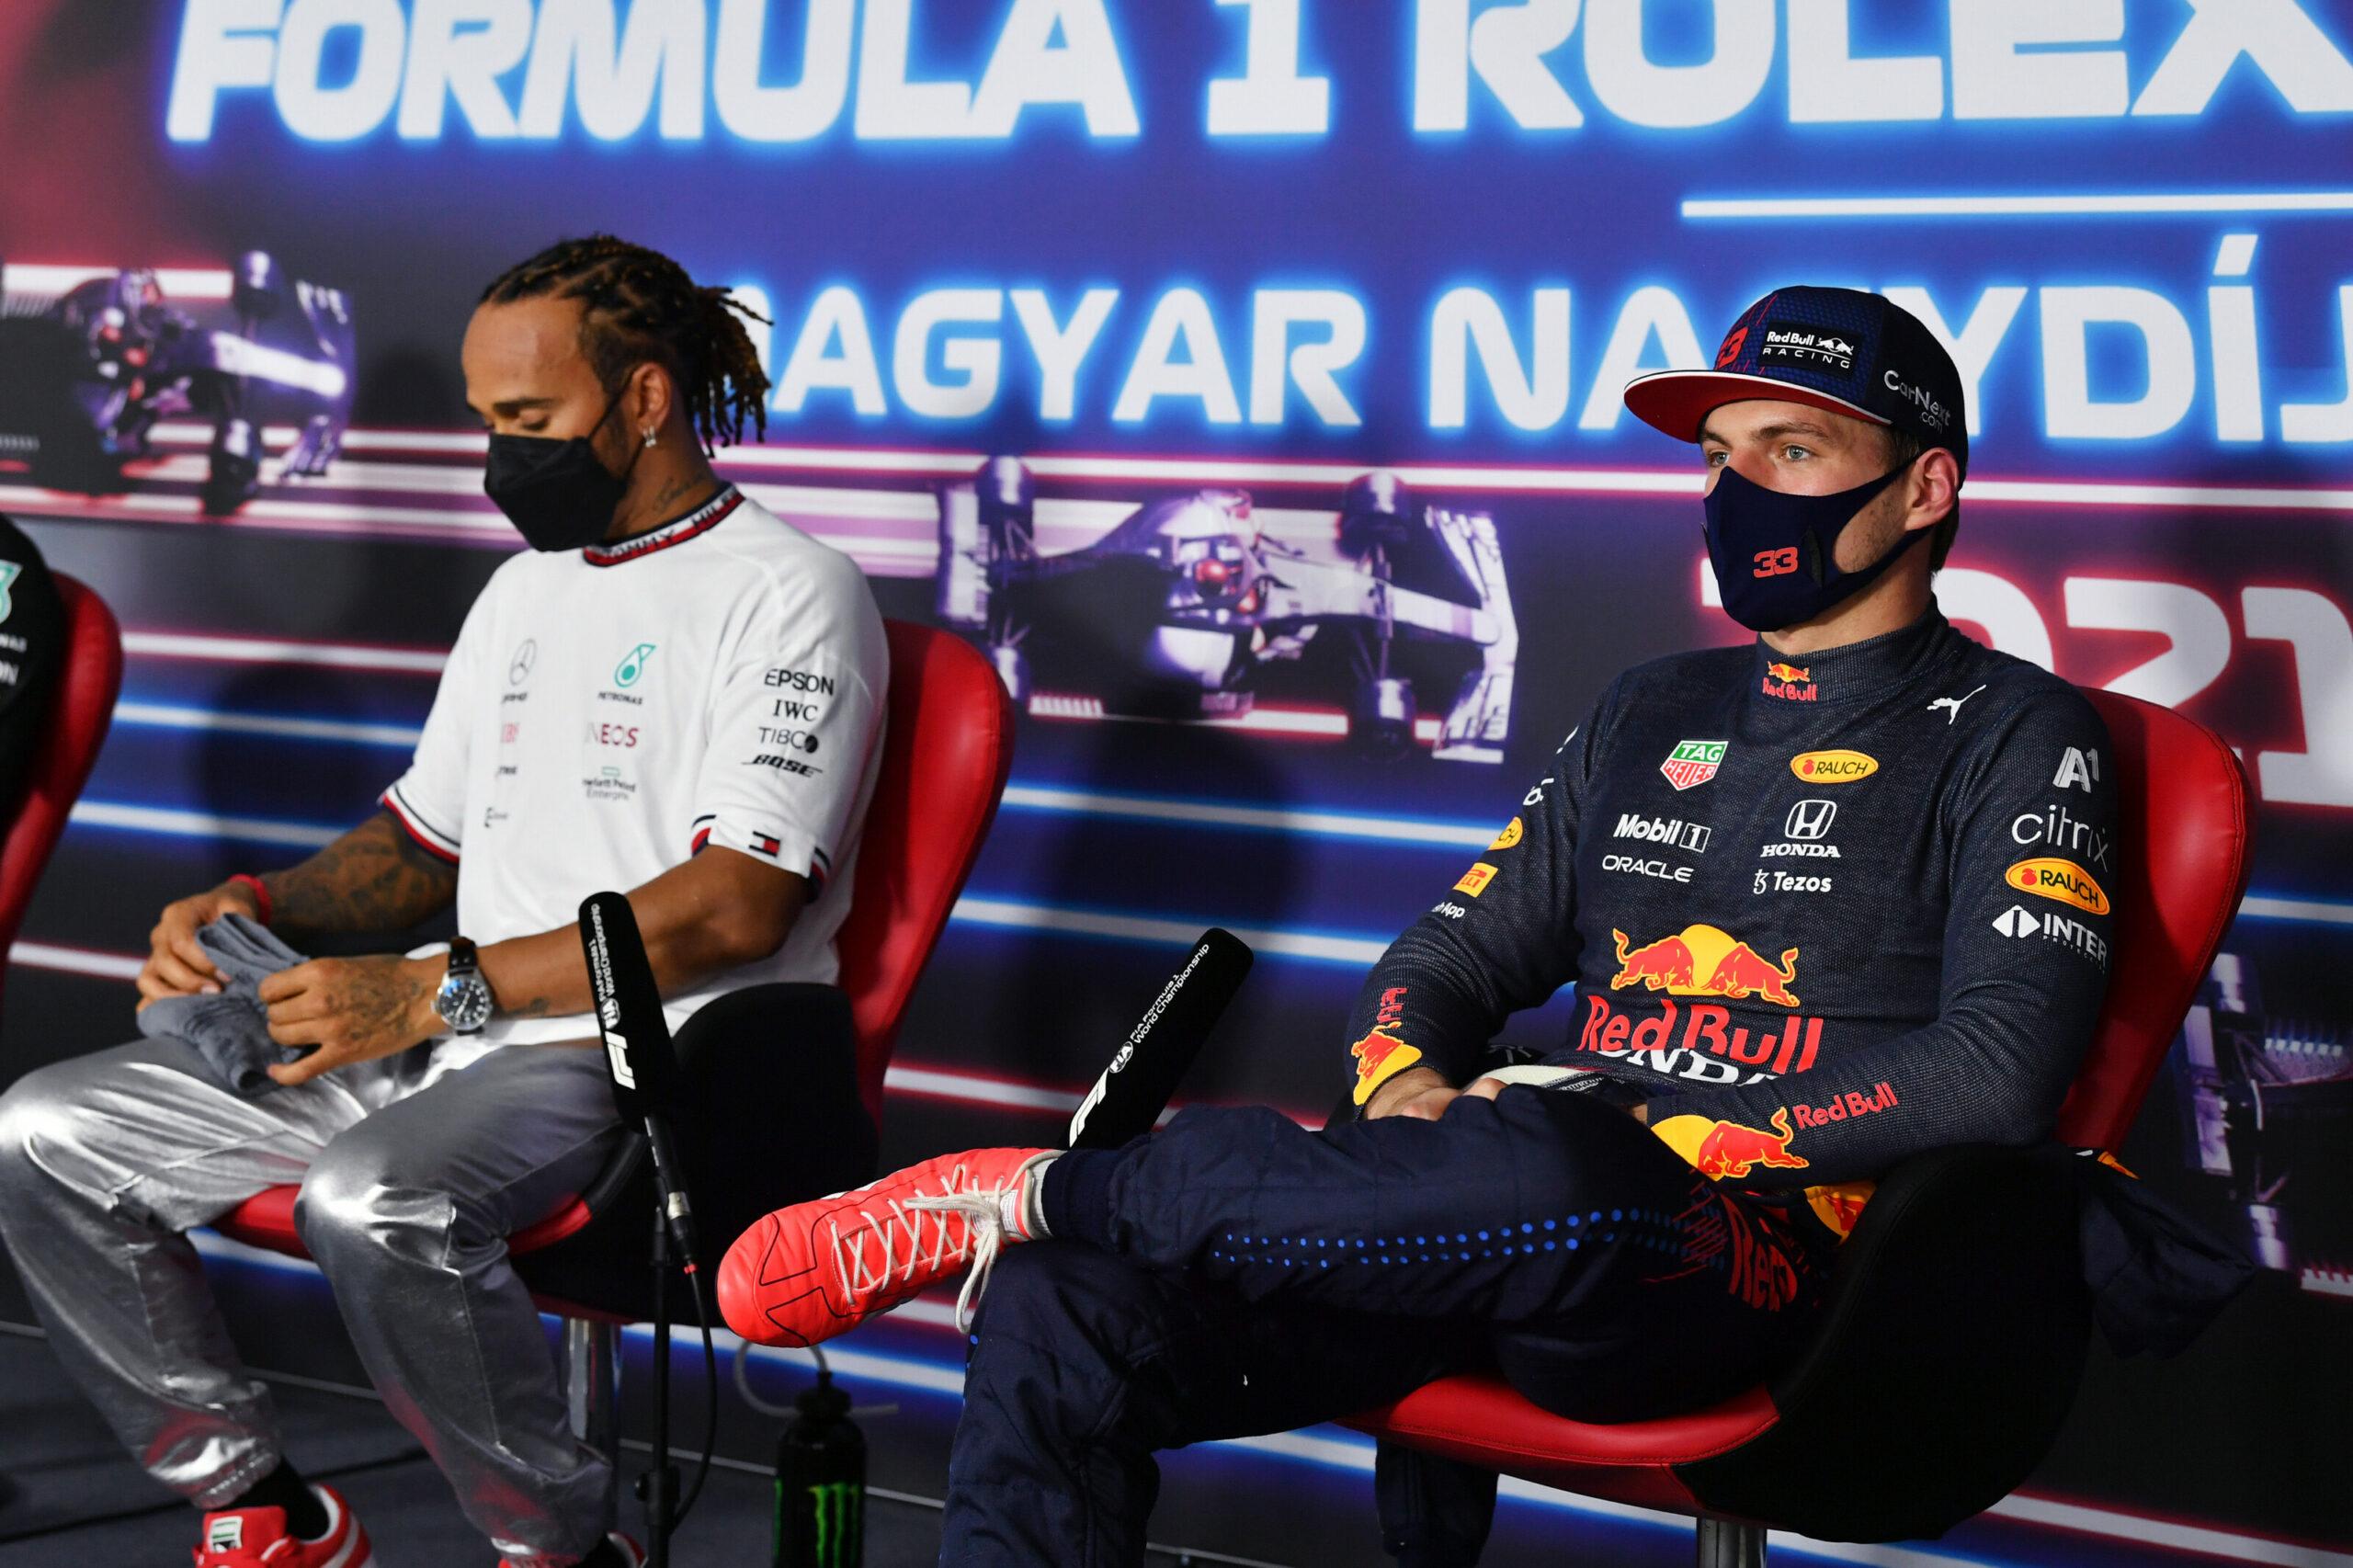 F1 - Verstappen agacé par les questions sur son crash à Silverstone